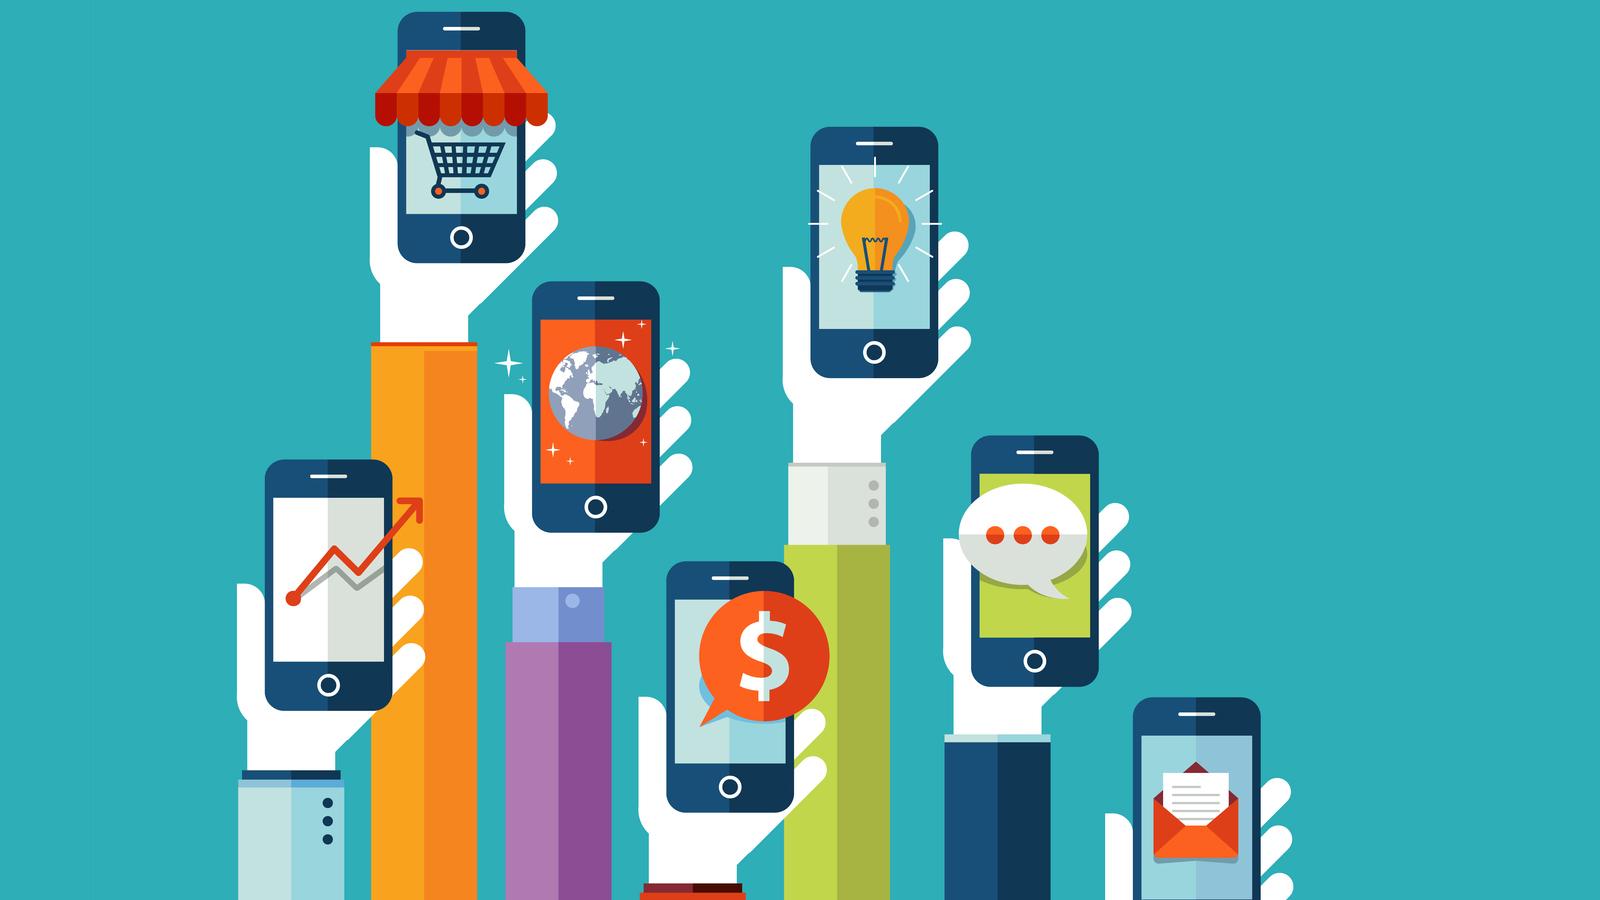 Les meilleures applications pour augmenter votre productivité en 2021